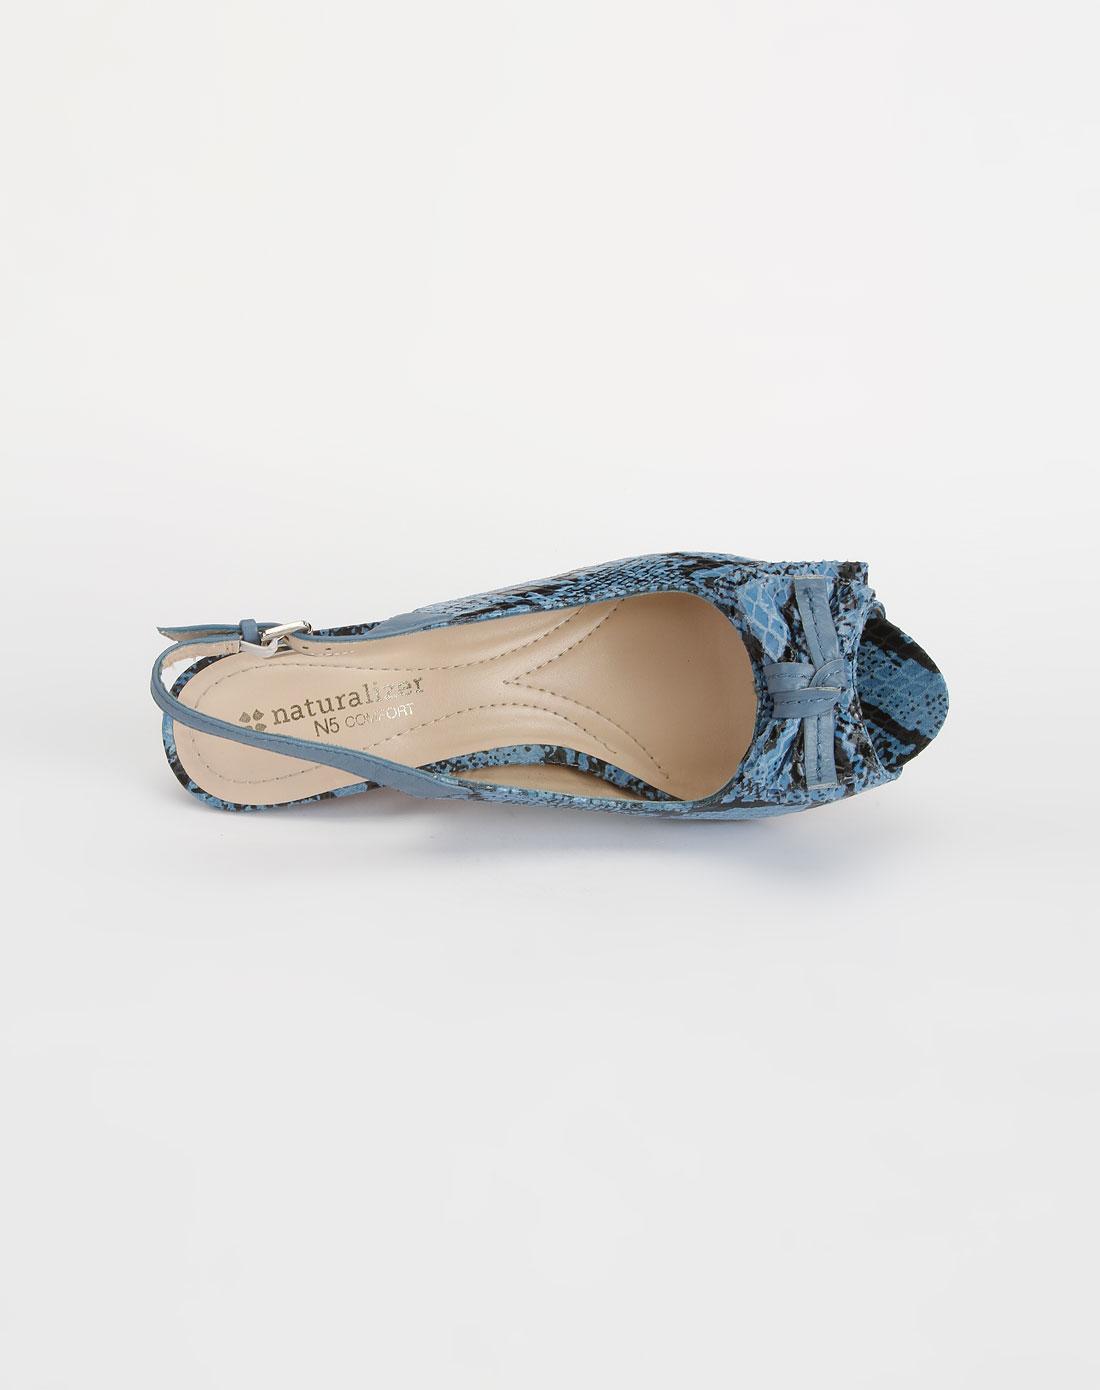 蝴蝶结深蓝色凉鞋np111248